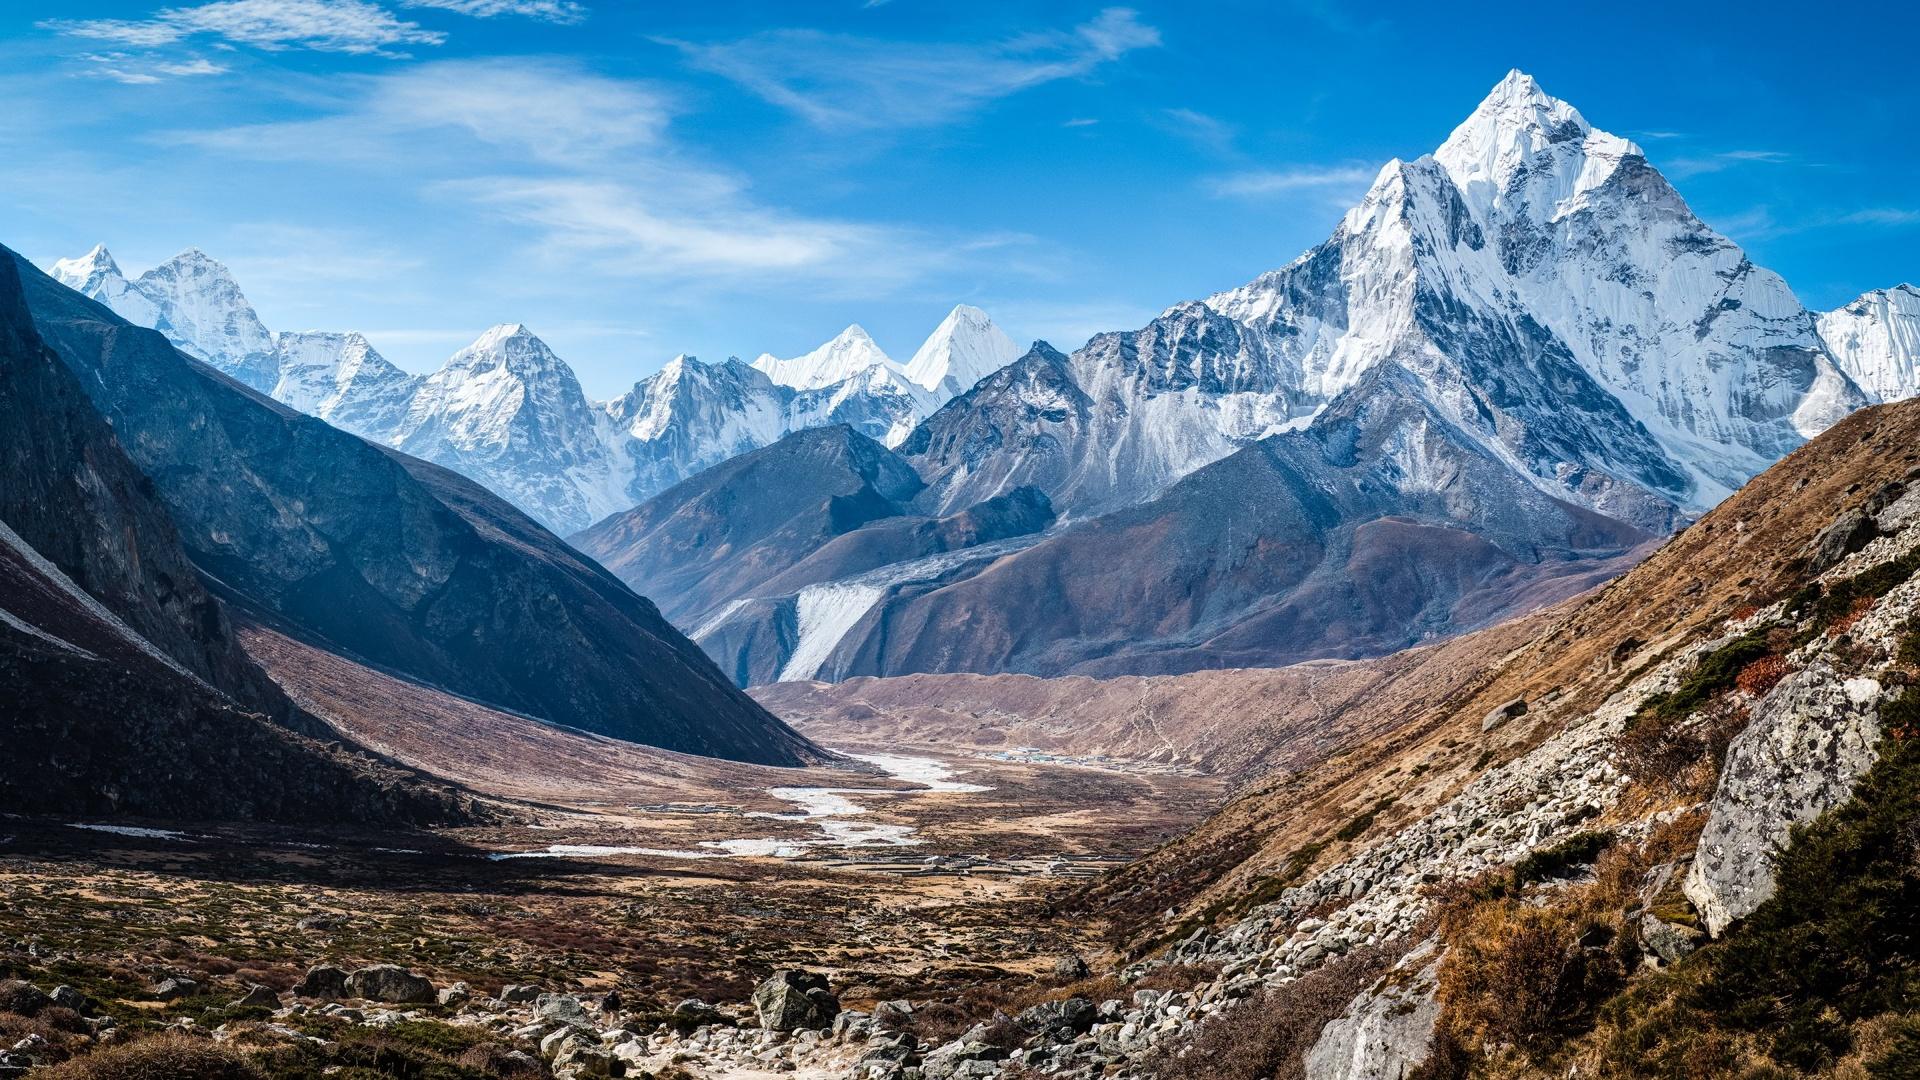 Pin Himalayan Mountains K2 1920x1080